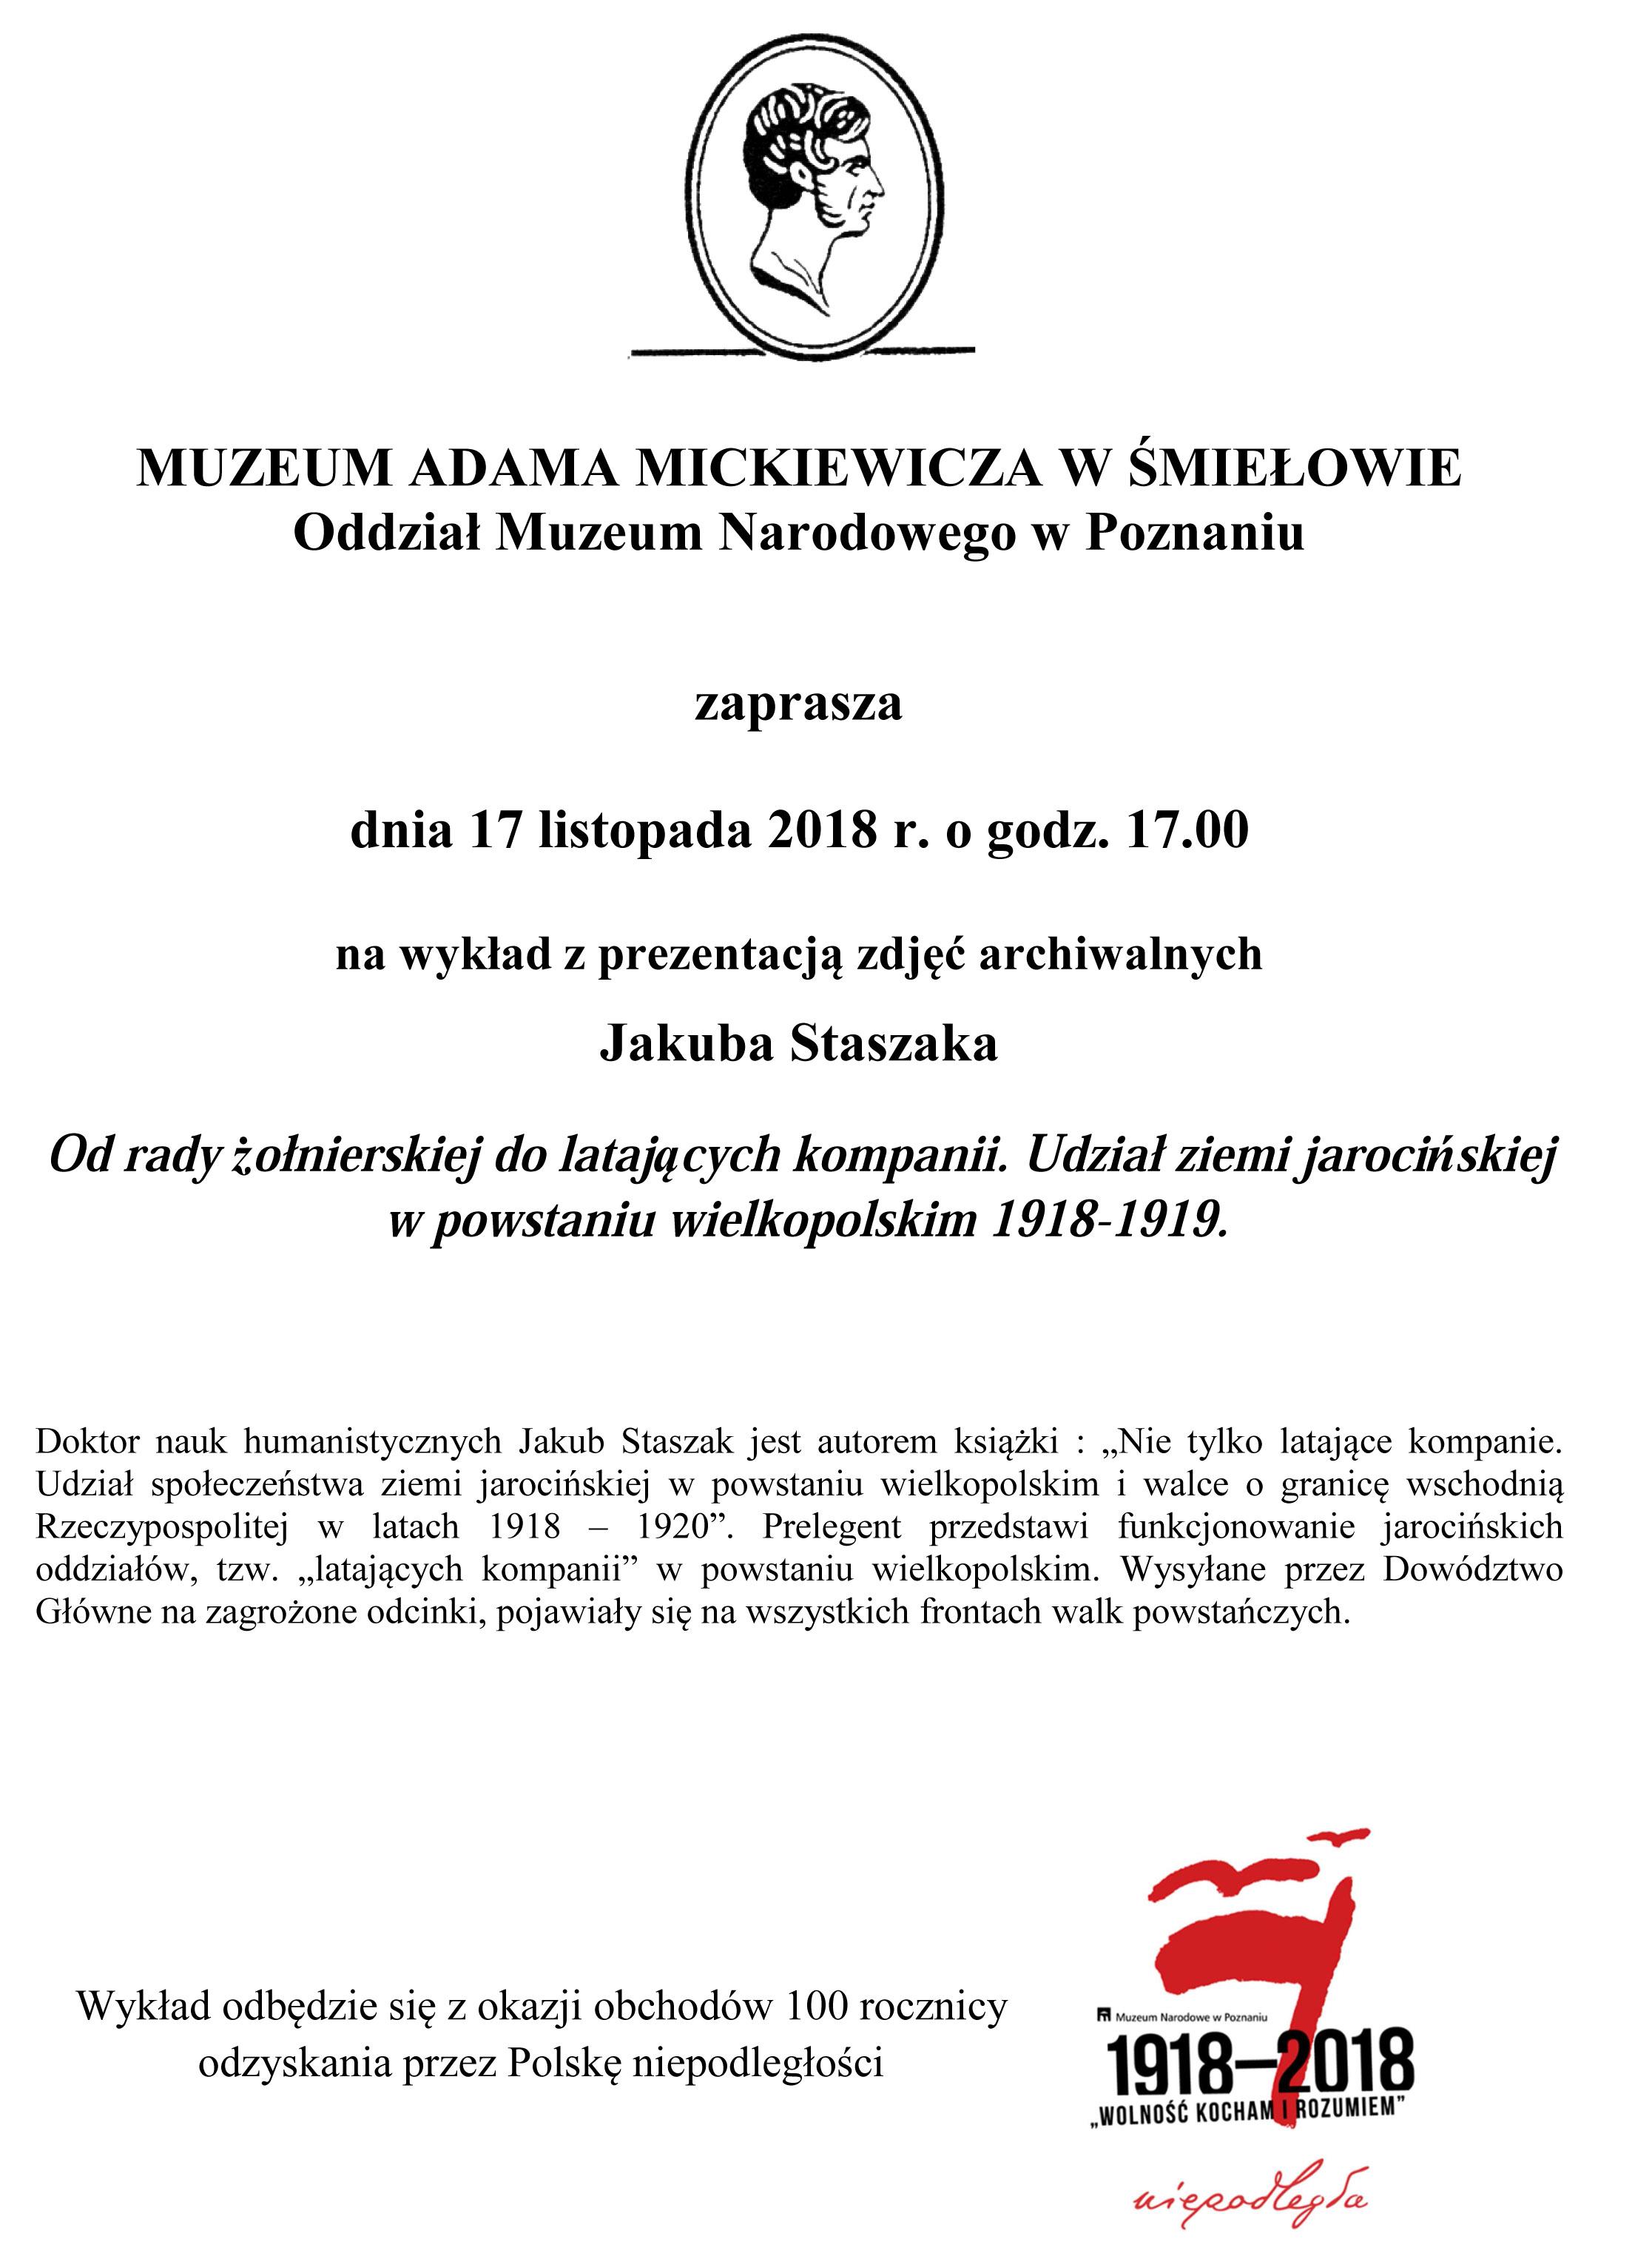 Muzeum im. A. Mickiewicza w Śmiełowie